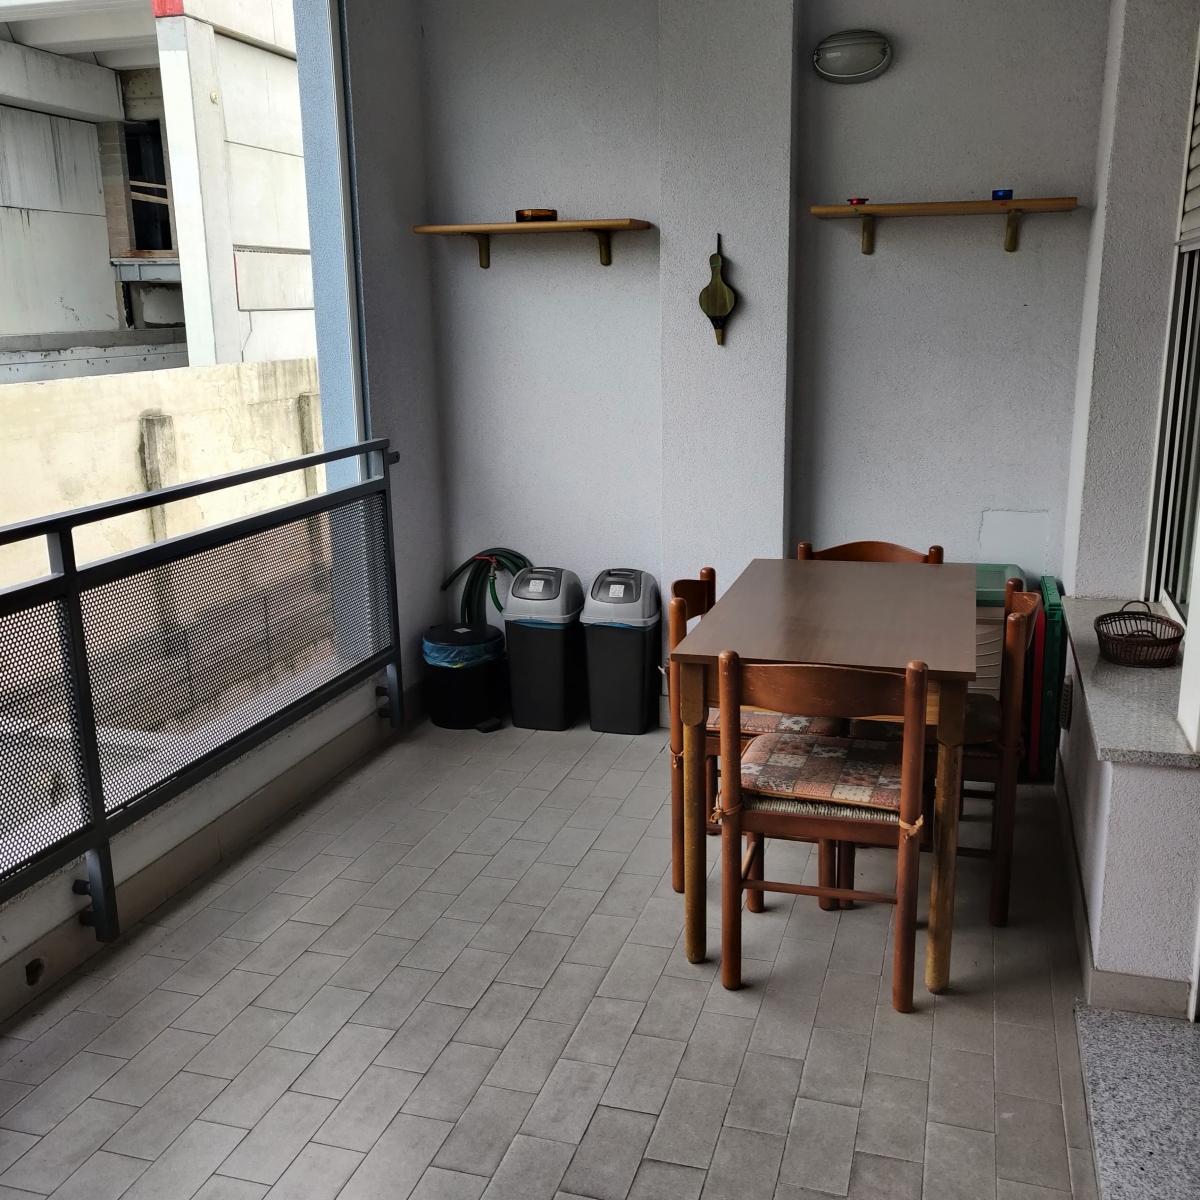 appartamento-in-vendita-milano-via-forze-armate-recente-costruzione-4-locali-spaziourbano-immobiliare-vende-24